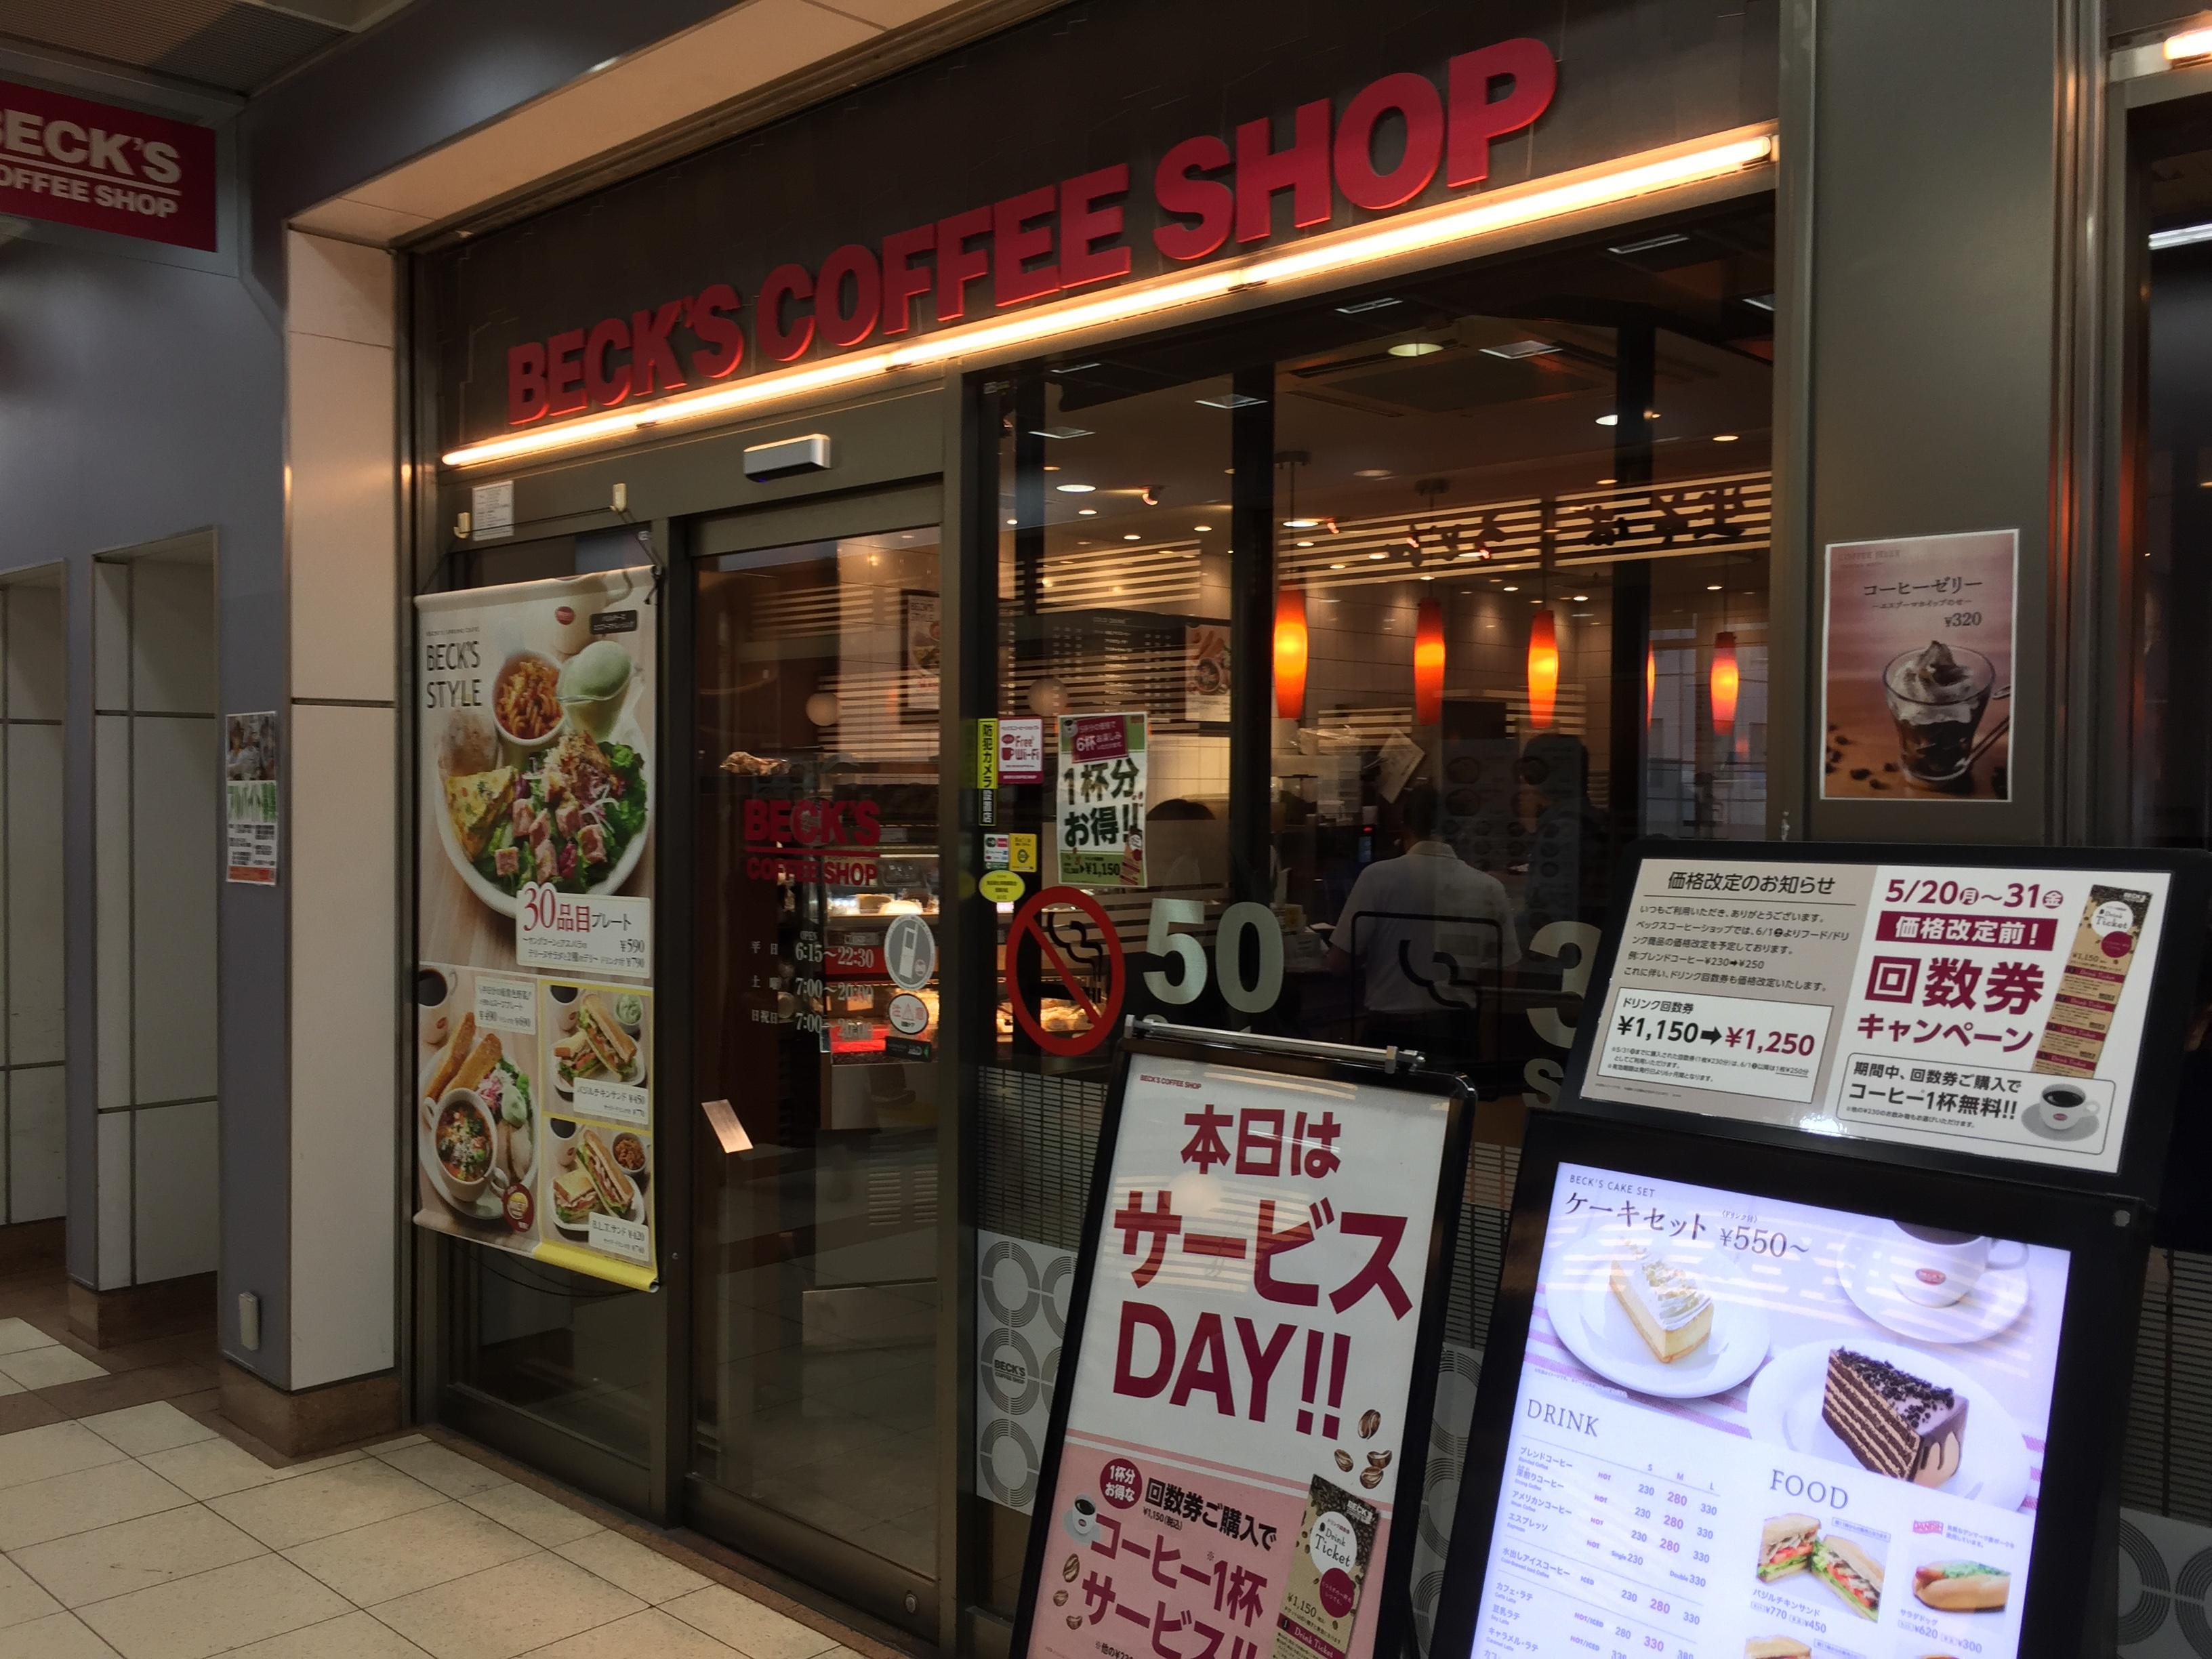 大崎駅構内 電源カフェ ベックスコーヒーショップ 大崎店